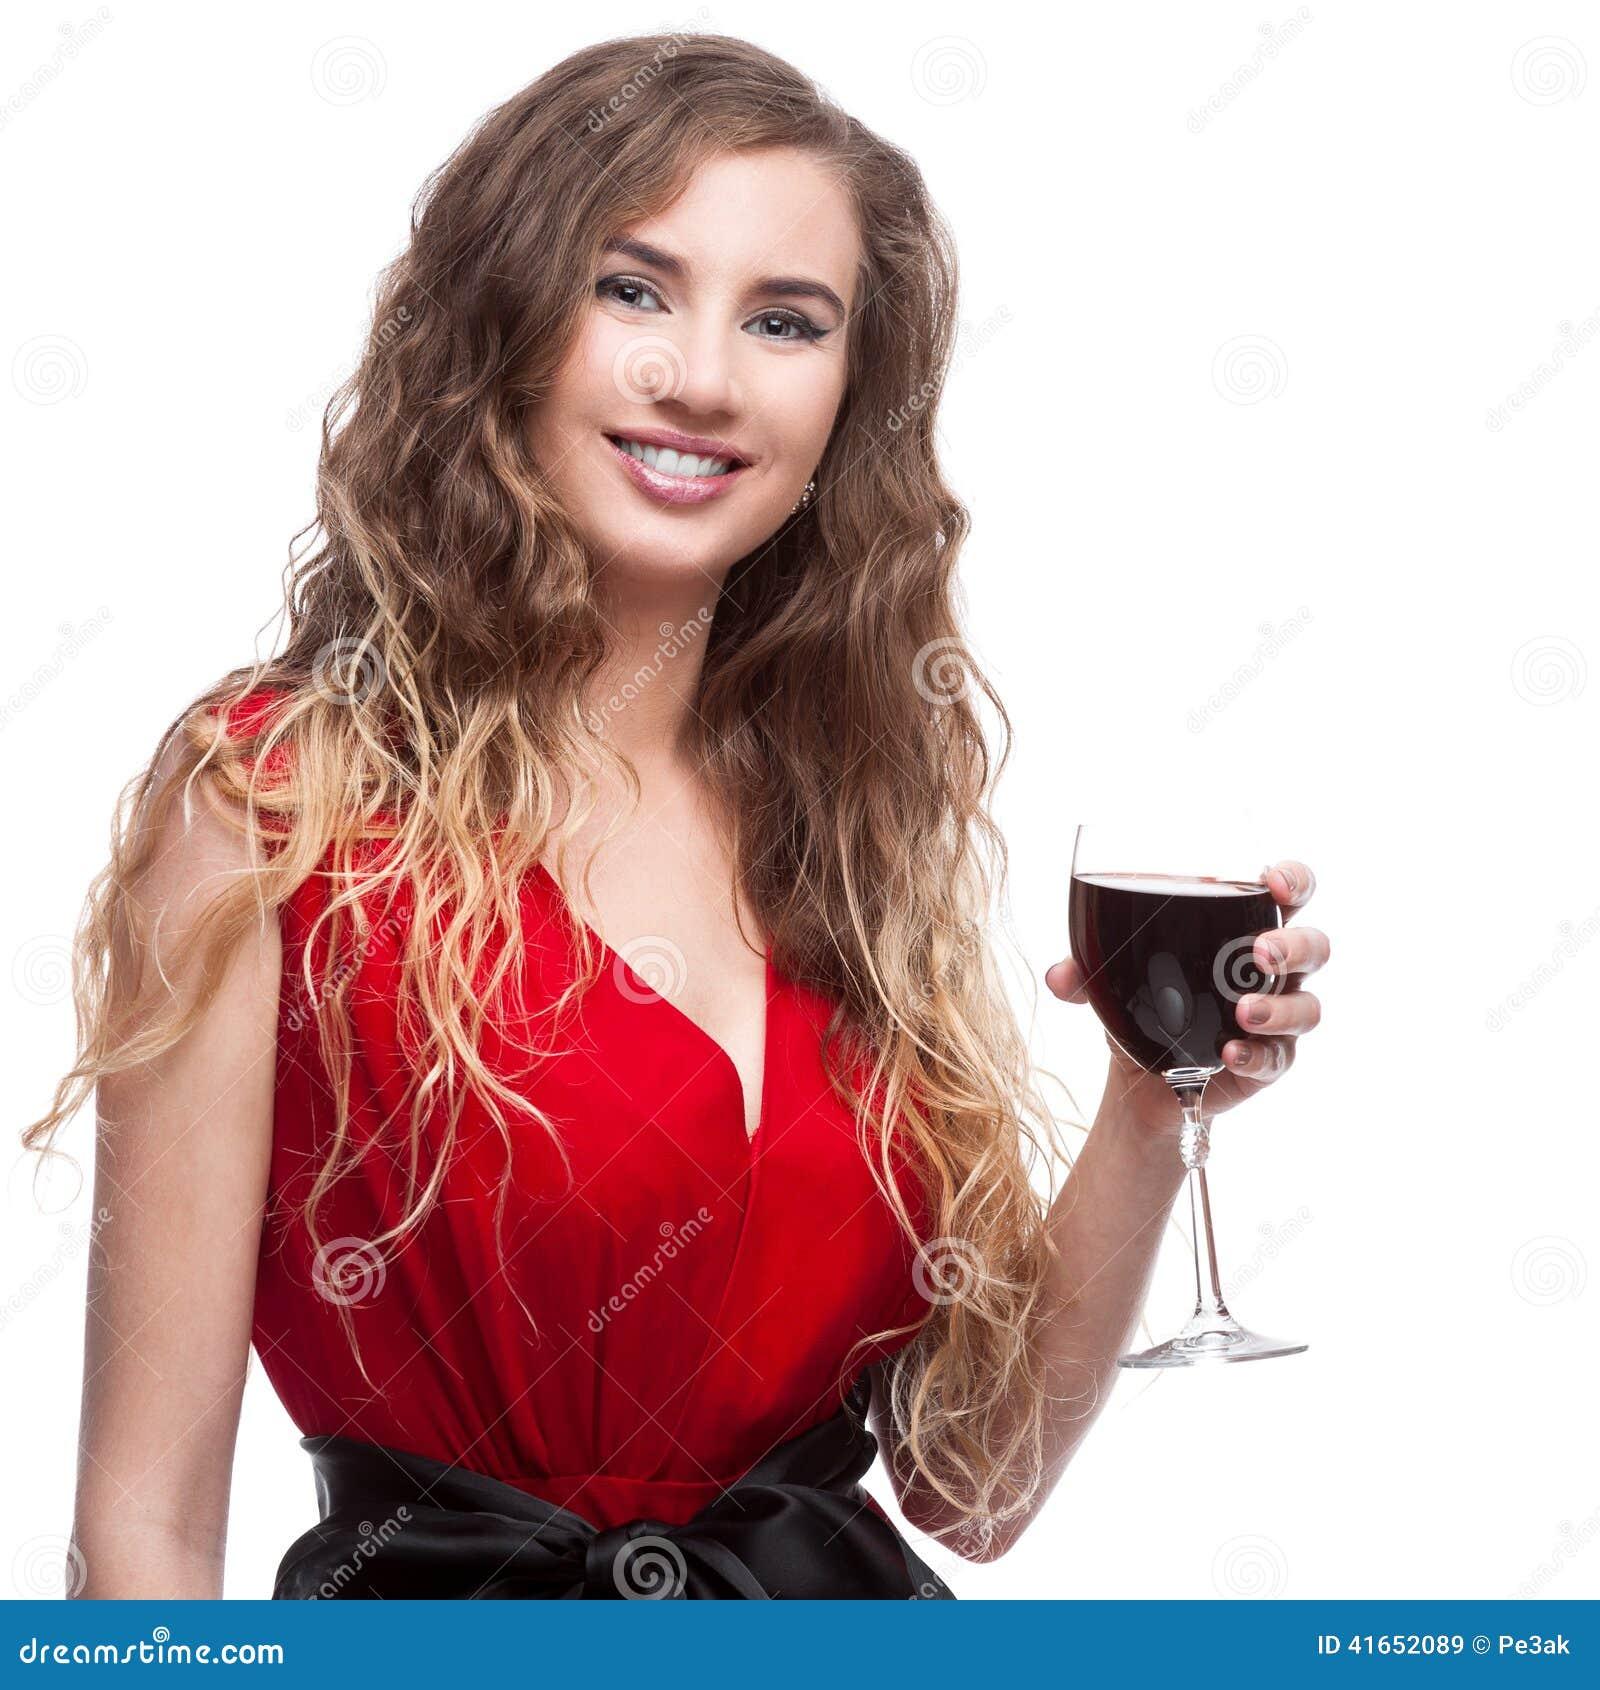 Женщина с рюмкой